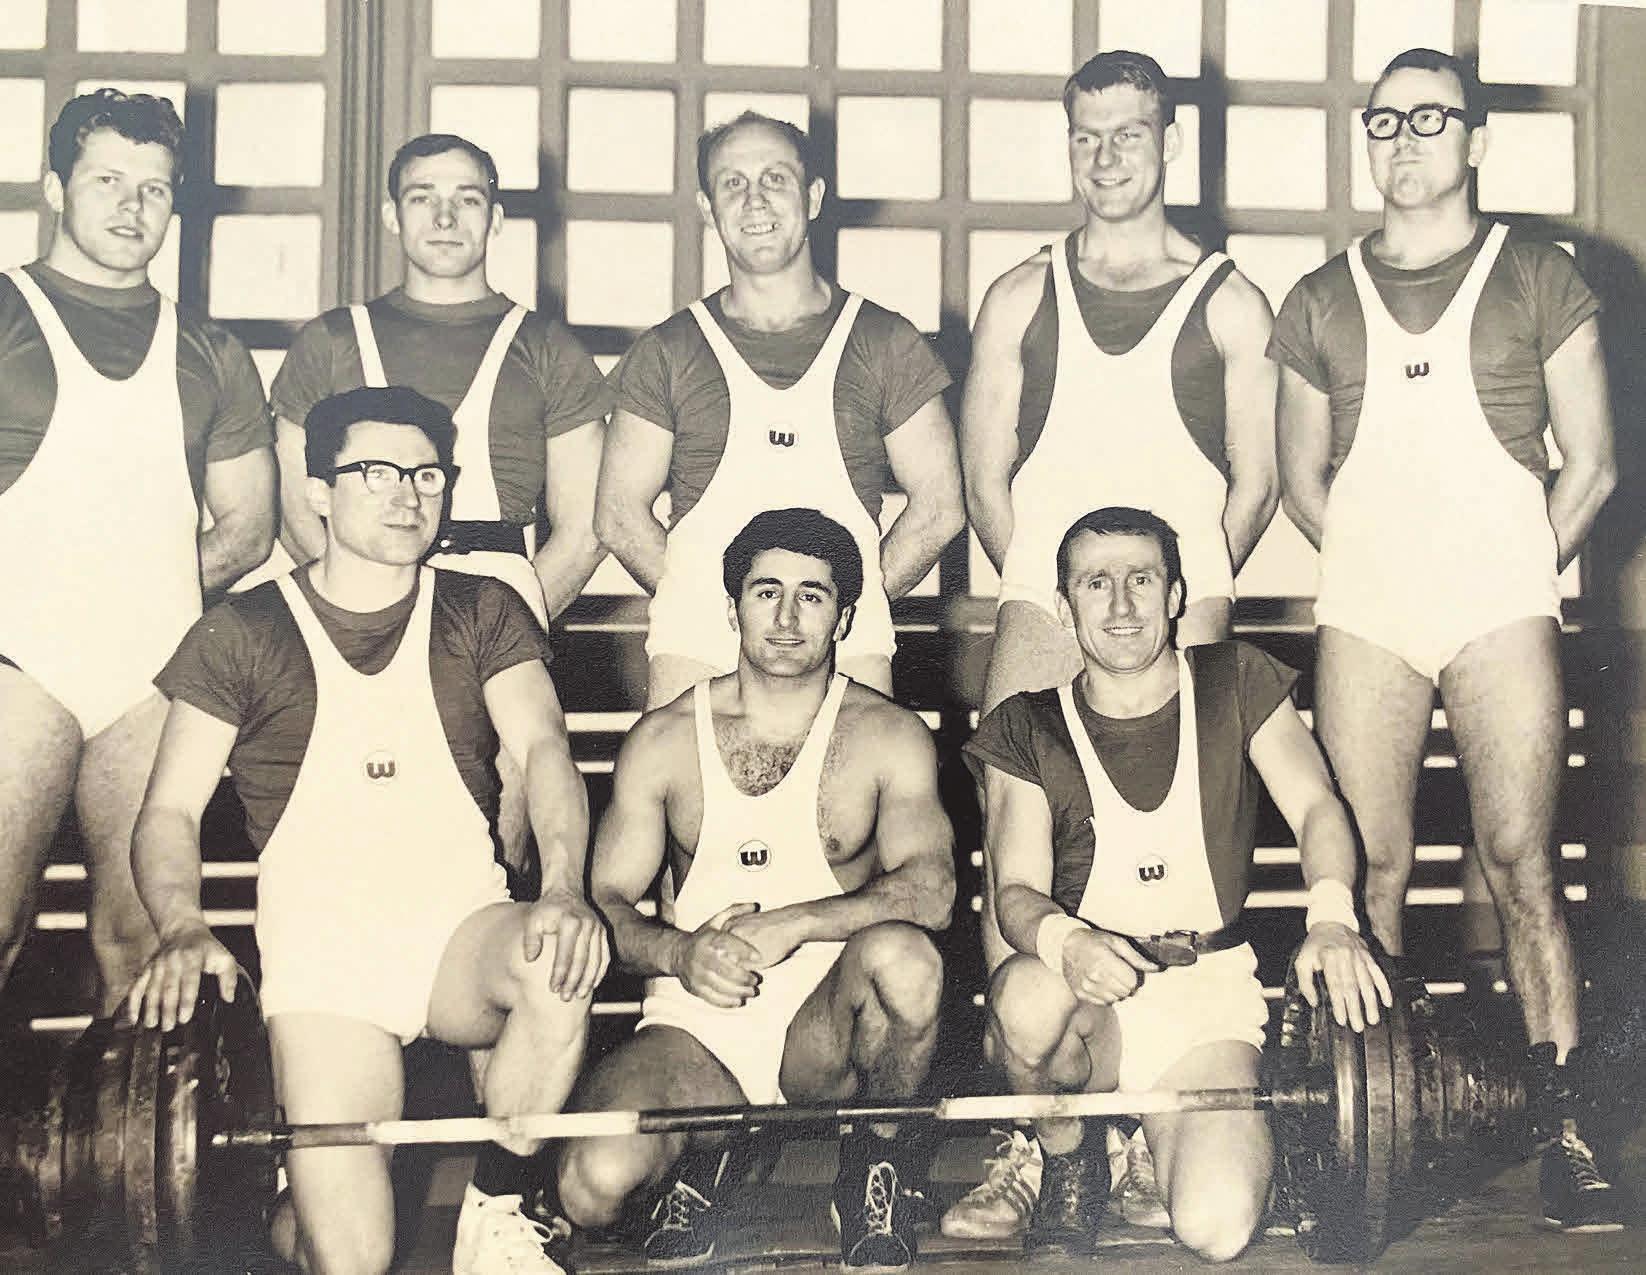 Die VfL-Gewichtheber: Das Team von 1965 mit (h. v. l.) Manfred Volkar, Gerd Sperlich, Bruno Brehmer, Franz-Josef Woltering, Armin Böhm, (v. v. l.) Kurt Schneidewind, Jack Vilonchi und Horst Seeger.Die VfL-Gewichtheber: Das Team von 1965 mit (h. v. l.) Manfred Volkar, Gerd Sperlich, Bruno Brehmer, Franz-Josef Woltering, Armin Böhm, (v. v. l.) Kurt Schneidewind, Jack Vilonchi und Horst Seeger. Fotos: VfL Wolfsburg